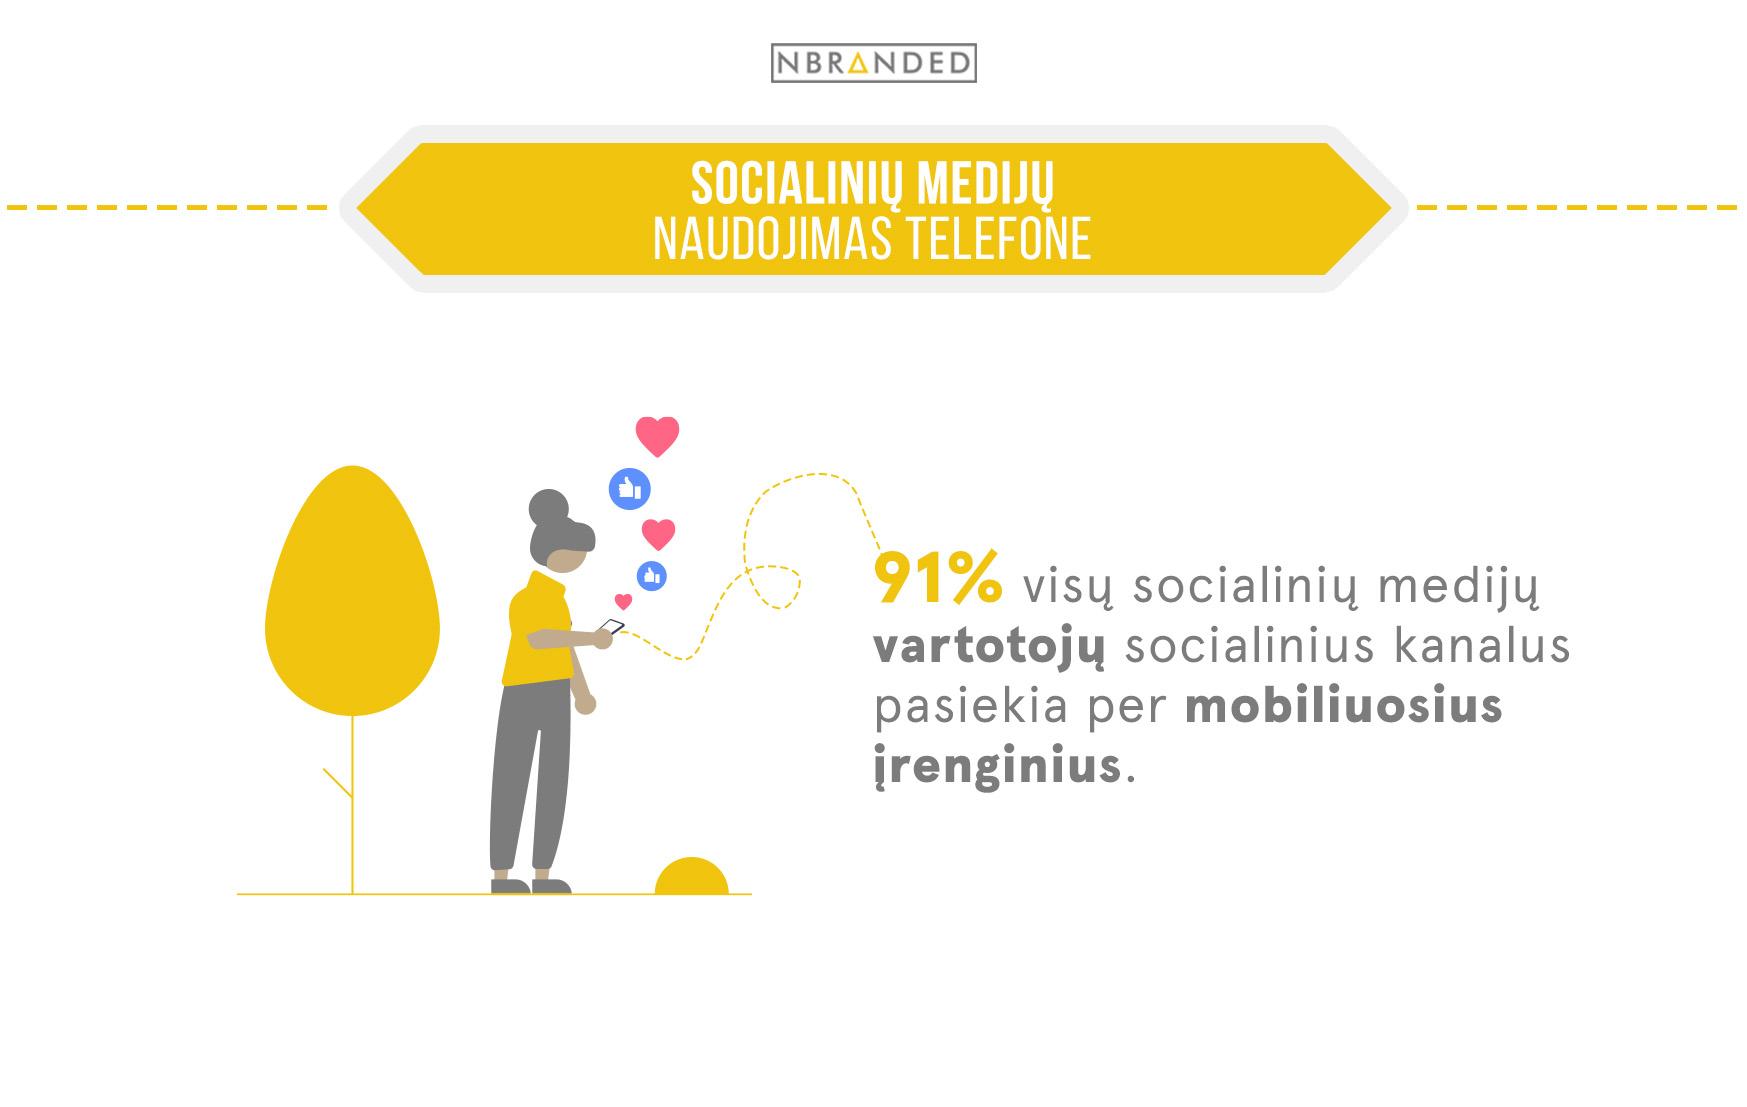 socialinės medijos telefone